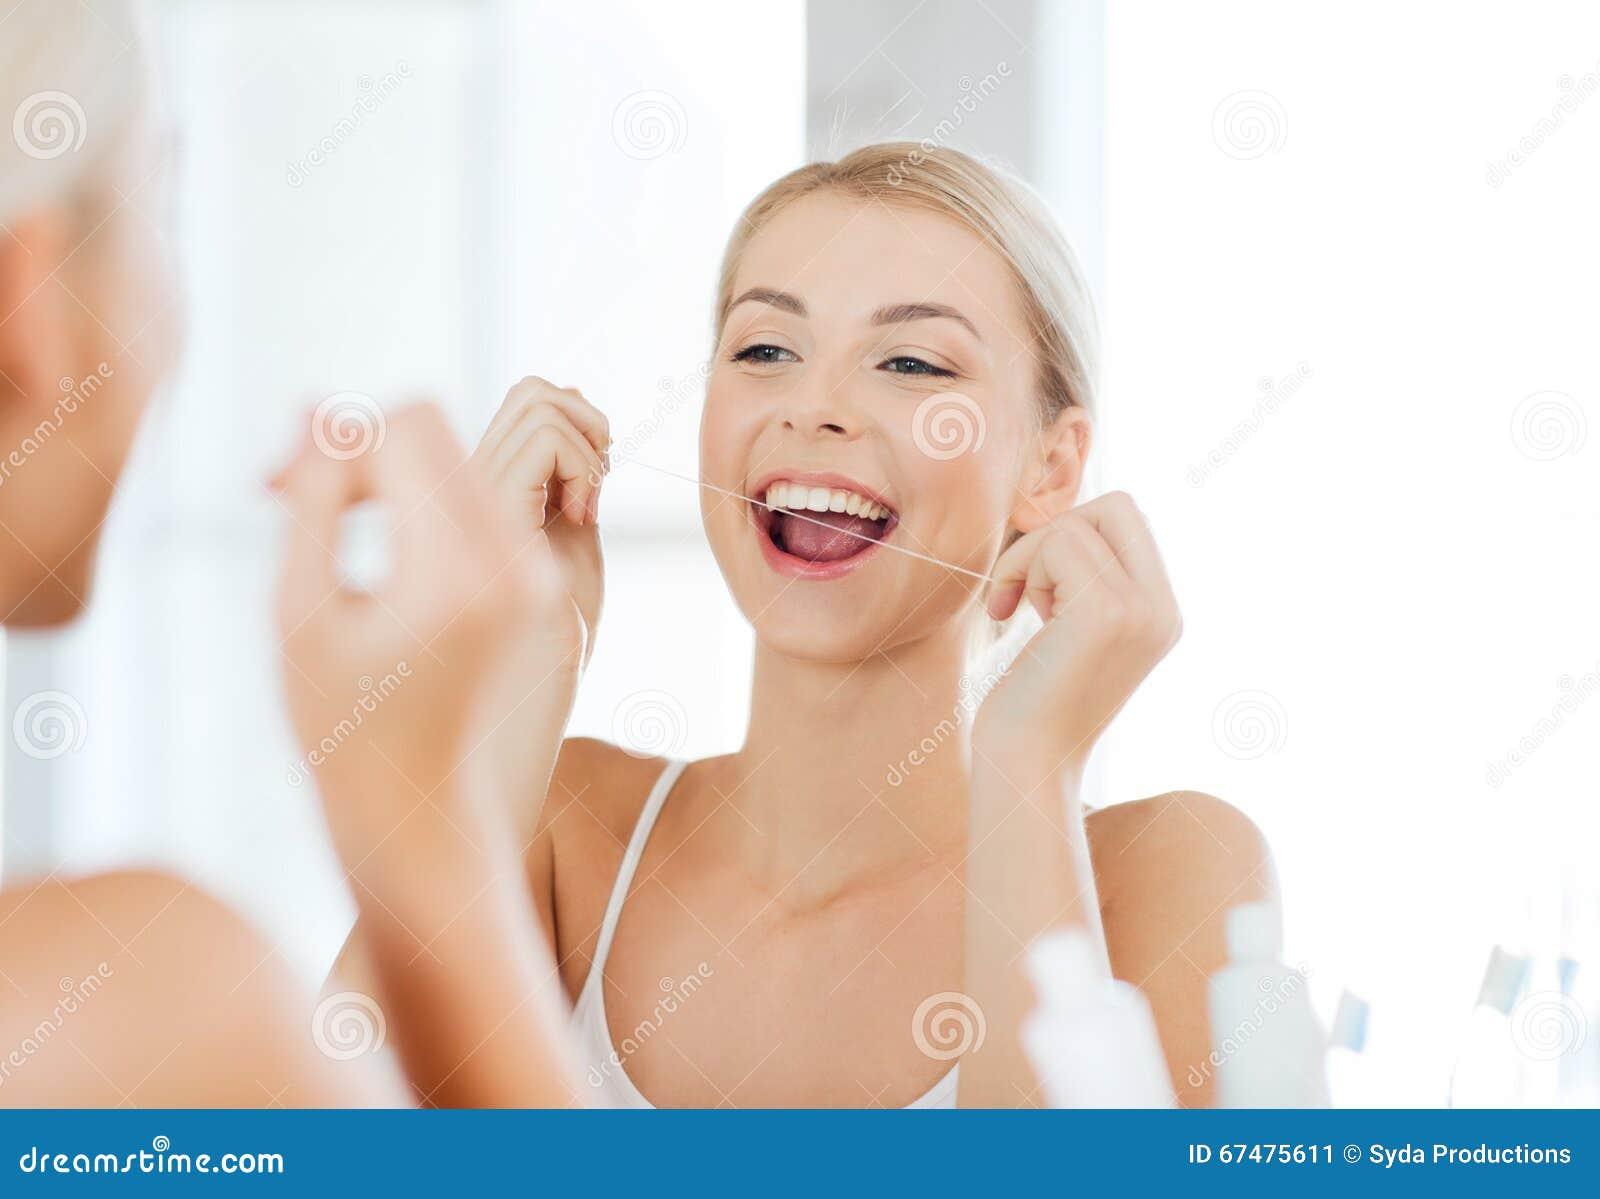 571a30eb8 Mulher Com Os Dentes Da Limpeza De Fio Dental No Banheiro Imagem de ...